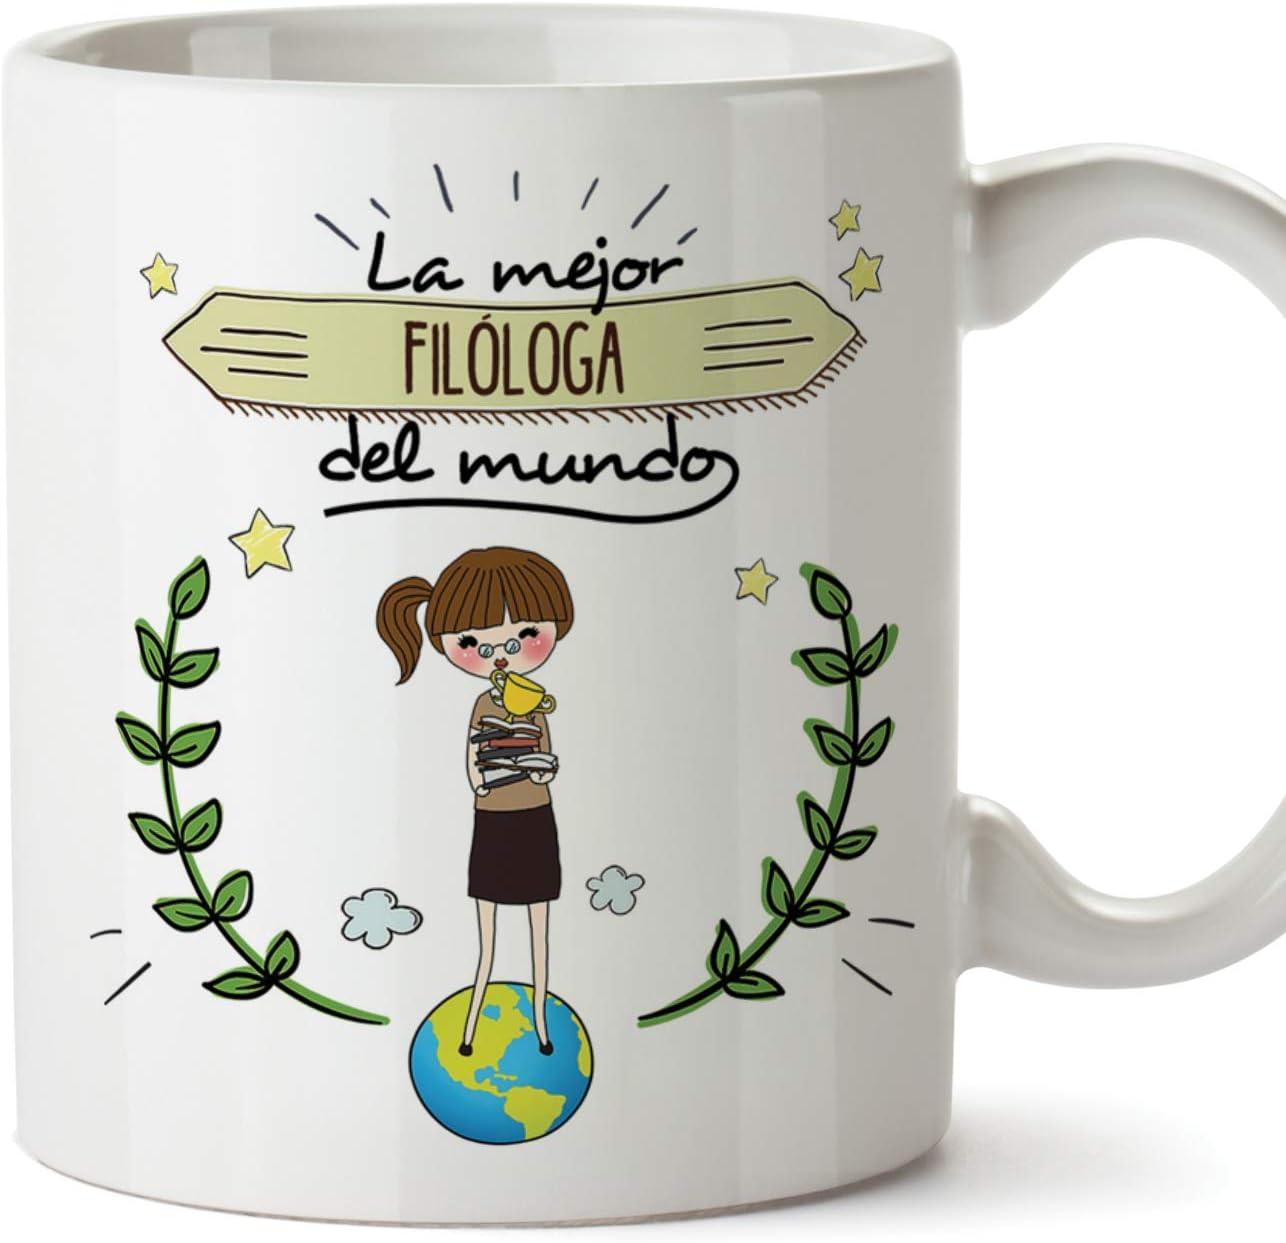 MUGFFINS Filóloga Tazas Originales de café y Desayuno para Regalar a Trabajadores Profesionales - La Mejor Filóloga del Mundo - Cerámica 350 ml